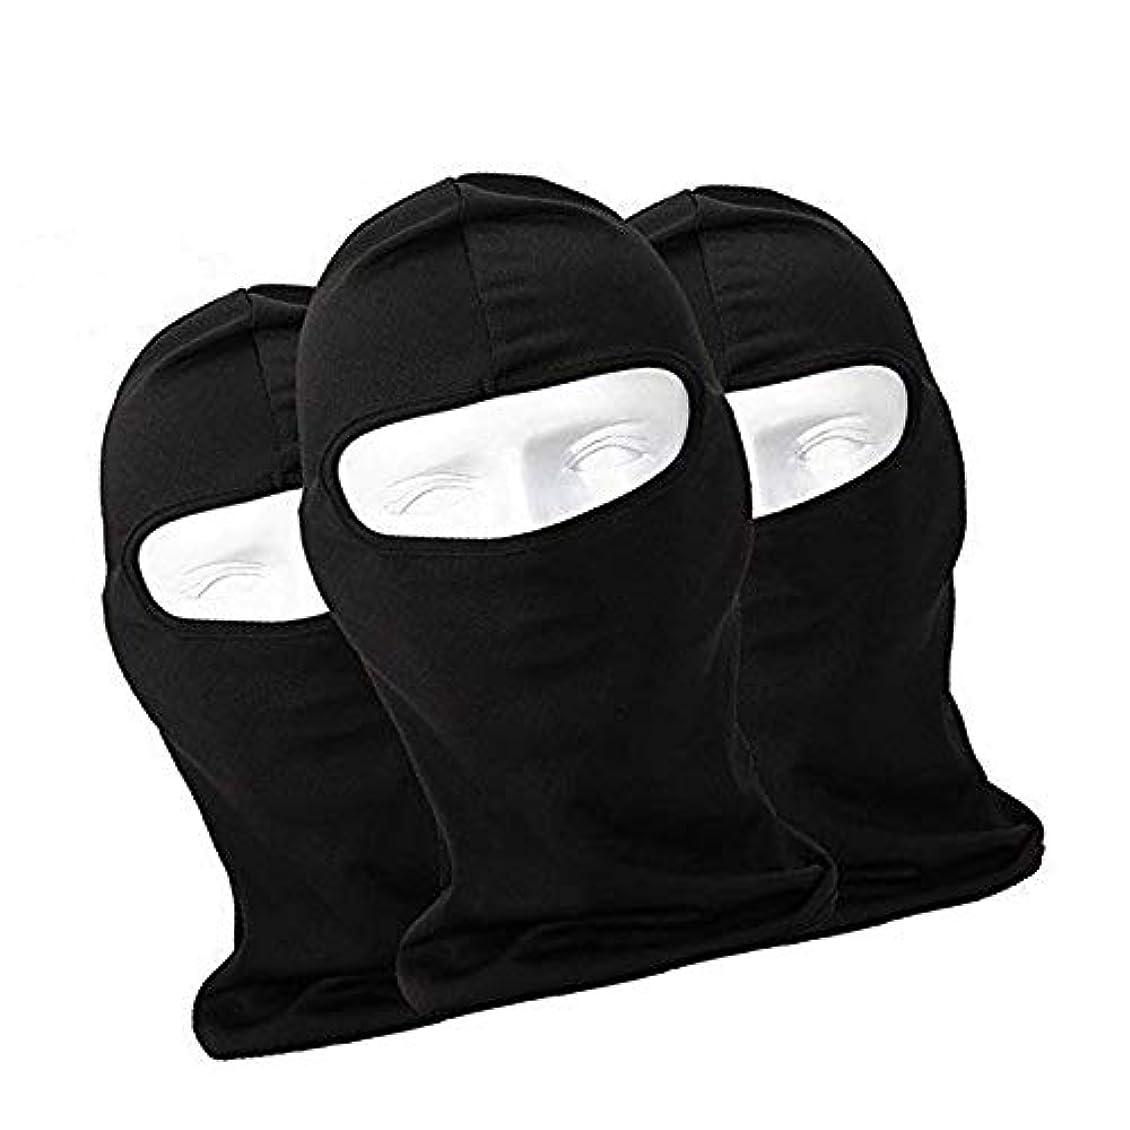 ふさわしい続編指紋フェイスマスク 通気 速乾 ヘッドウェア ライクラ生地 目だし帽 バラクラバ 保温 UVカット,ブラック,3枚